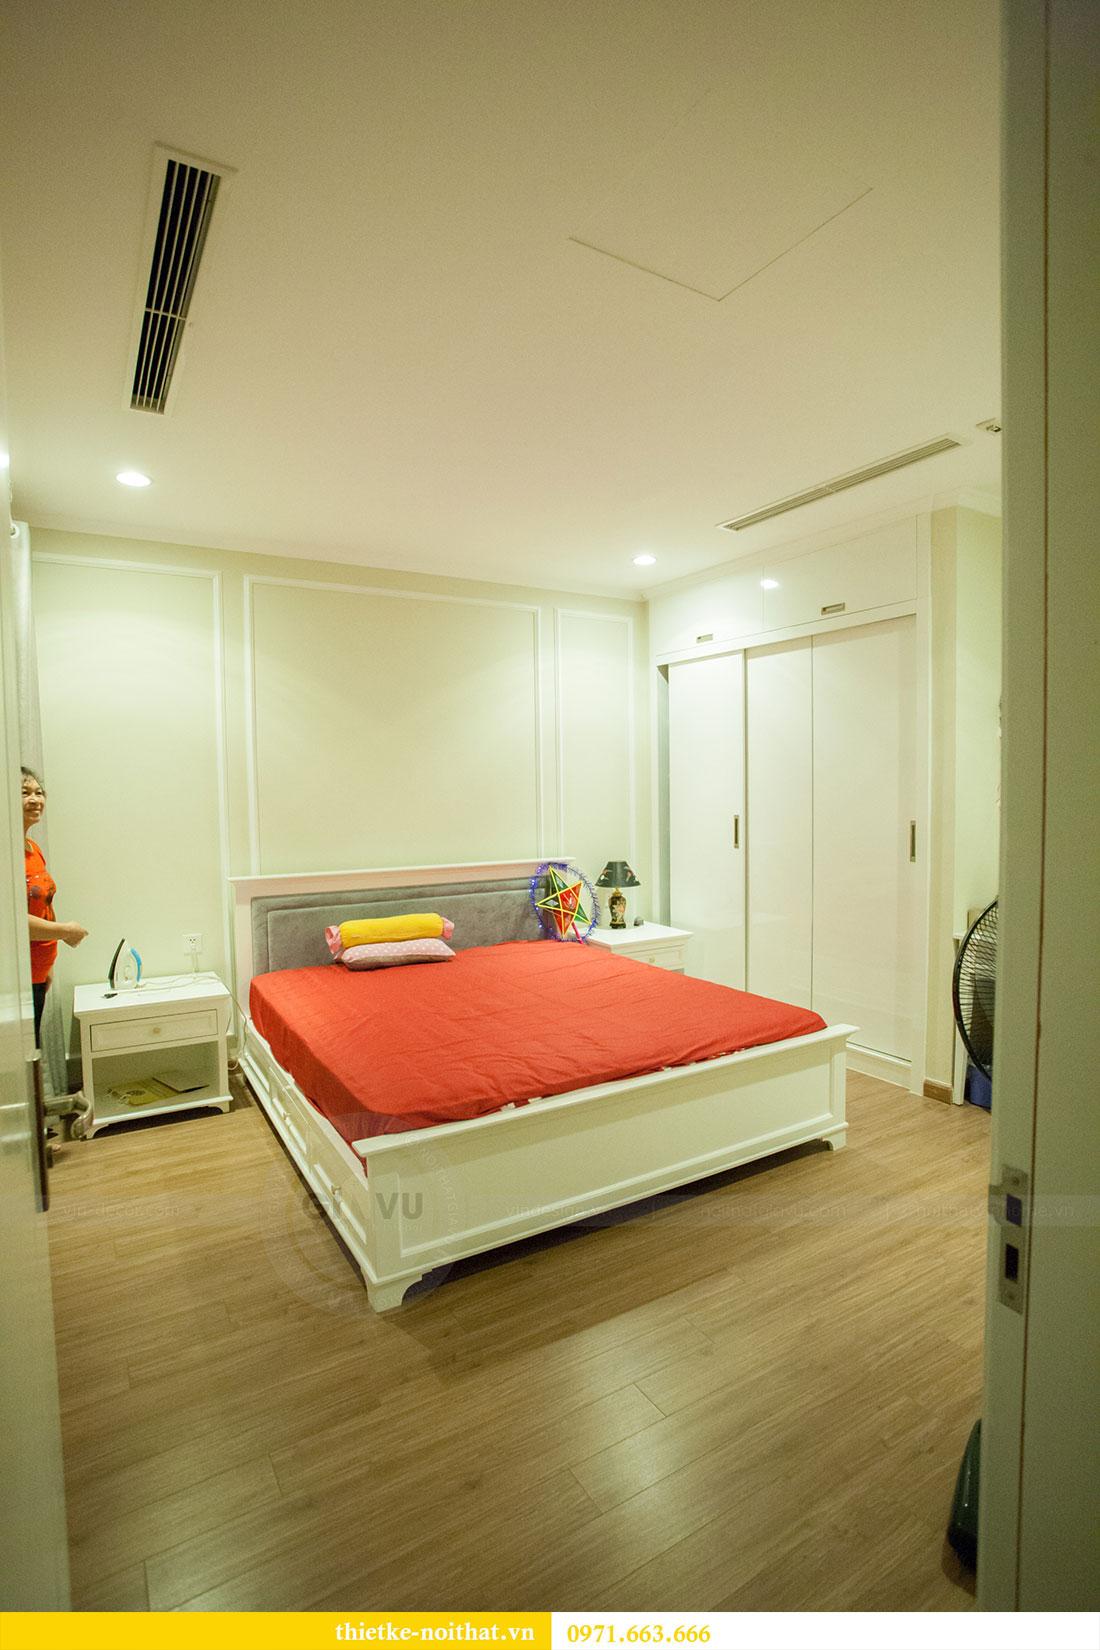 Thi công nội thất chung cư Park Hill căn 01 park 8 - Bác Nhất 11